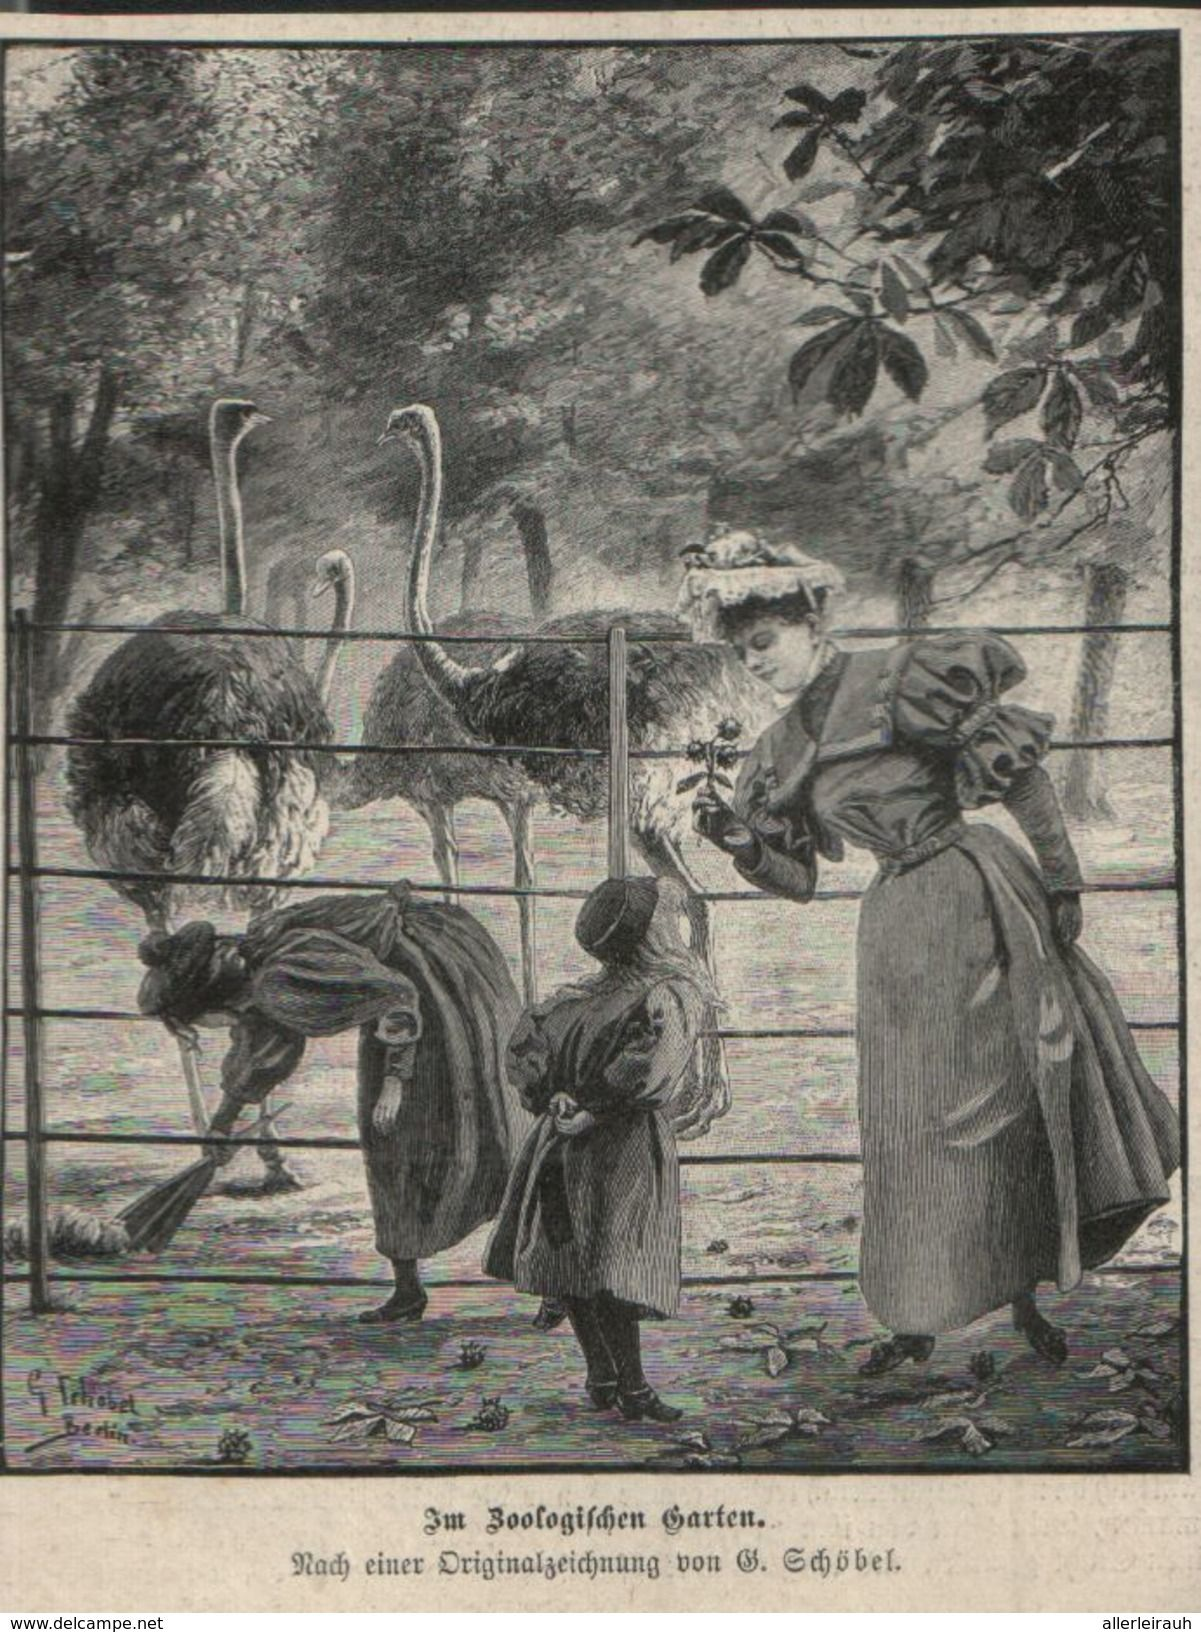 Im Zoologischen Garten B Schobel Druck Entnommen Aus Zeitschrift 1896 Zoologischer Garten Zeitschriften Comic